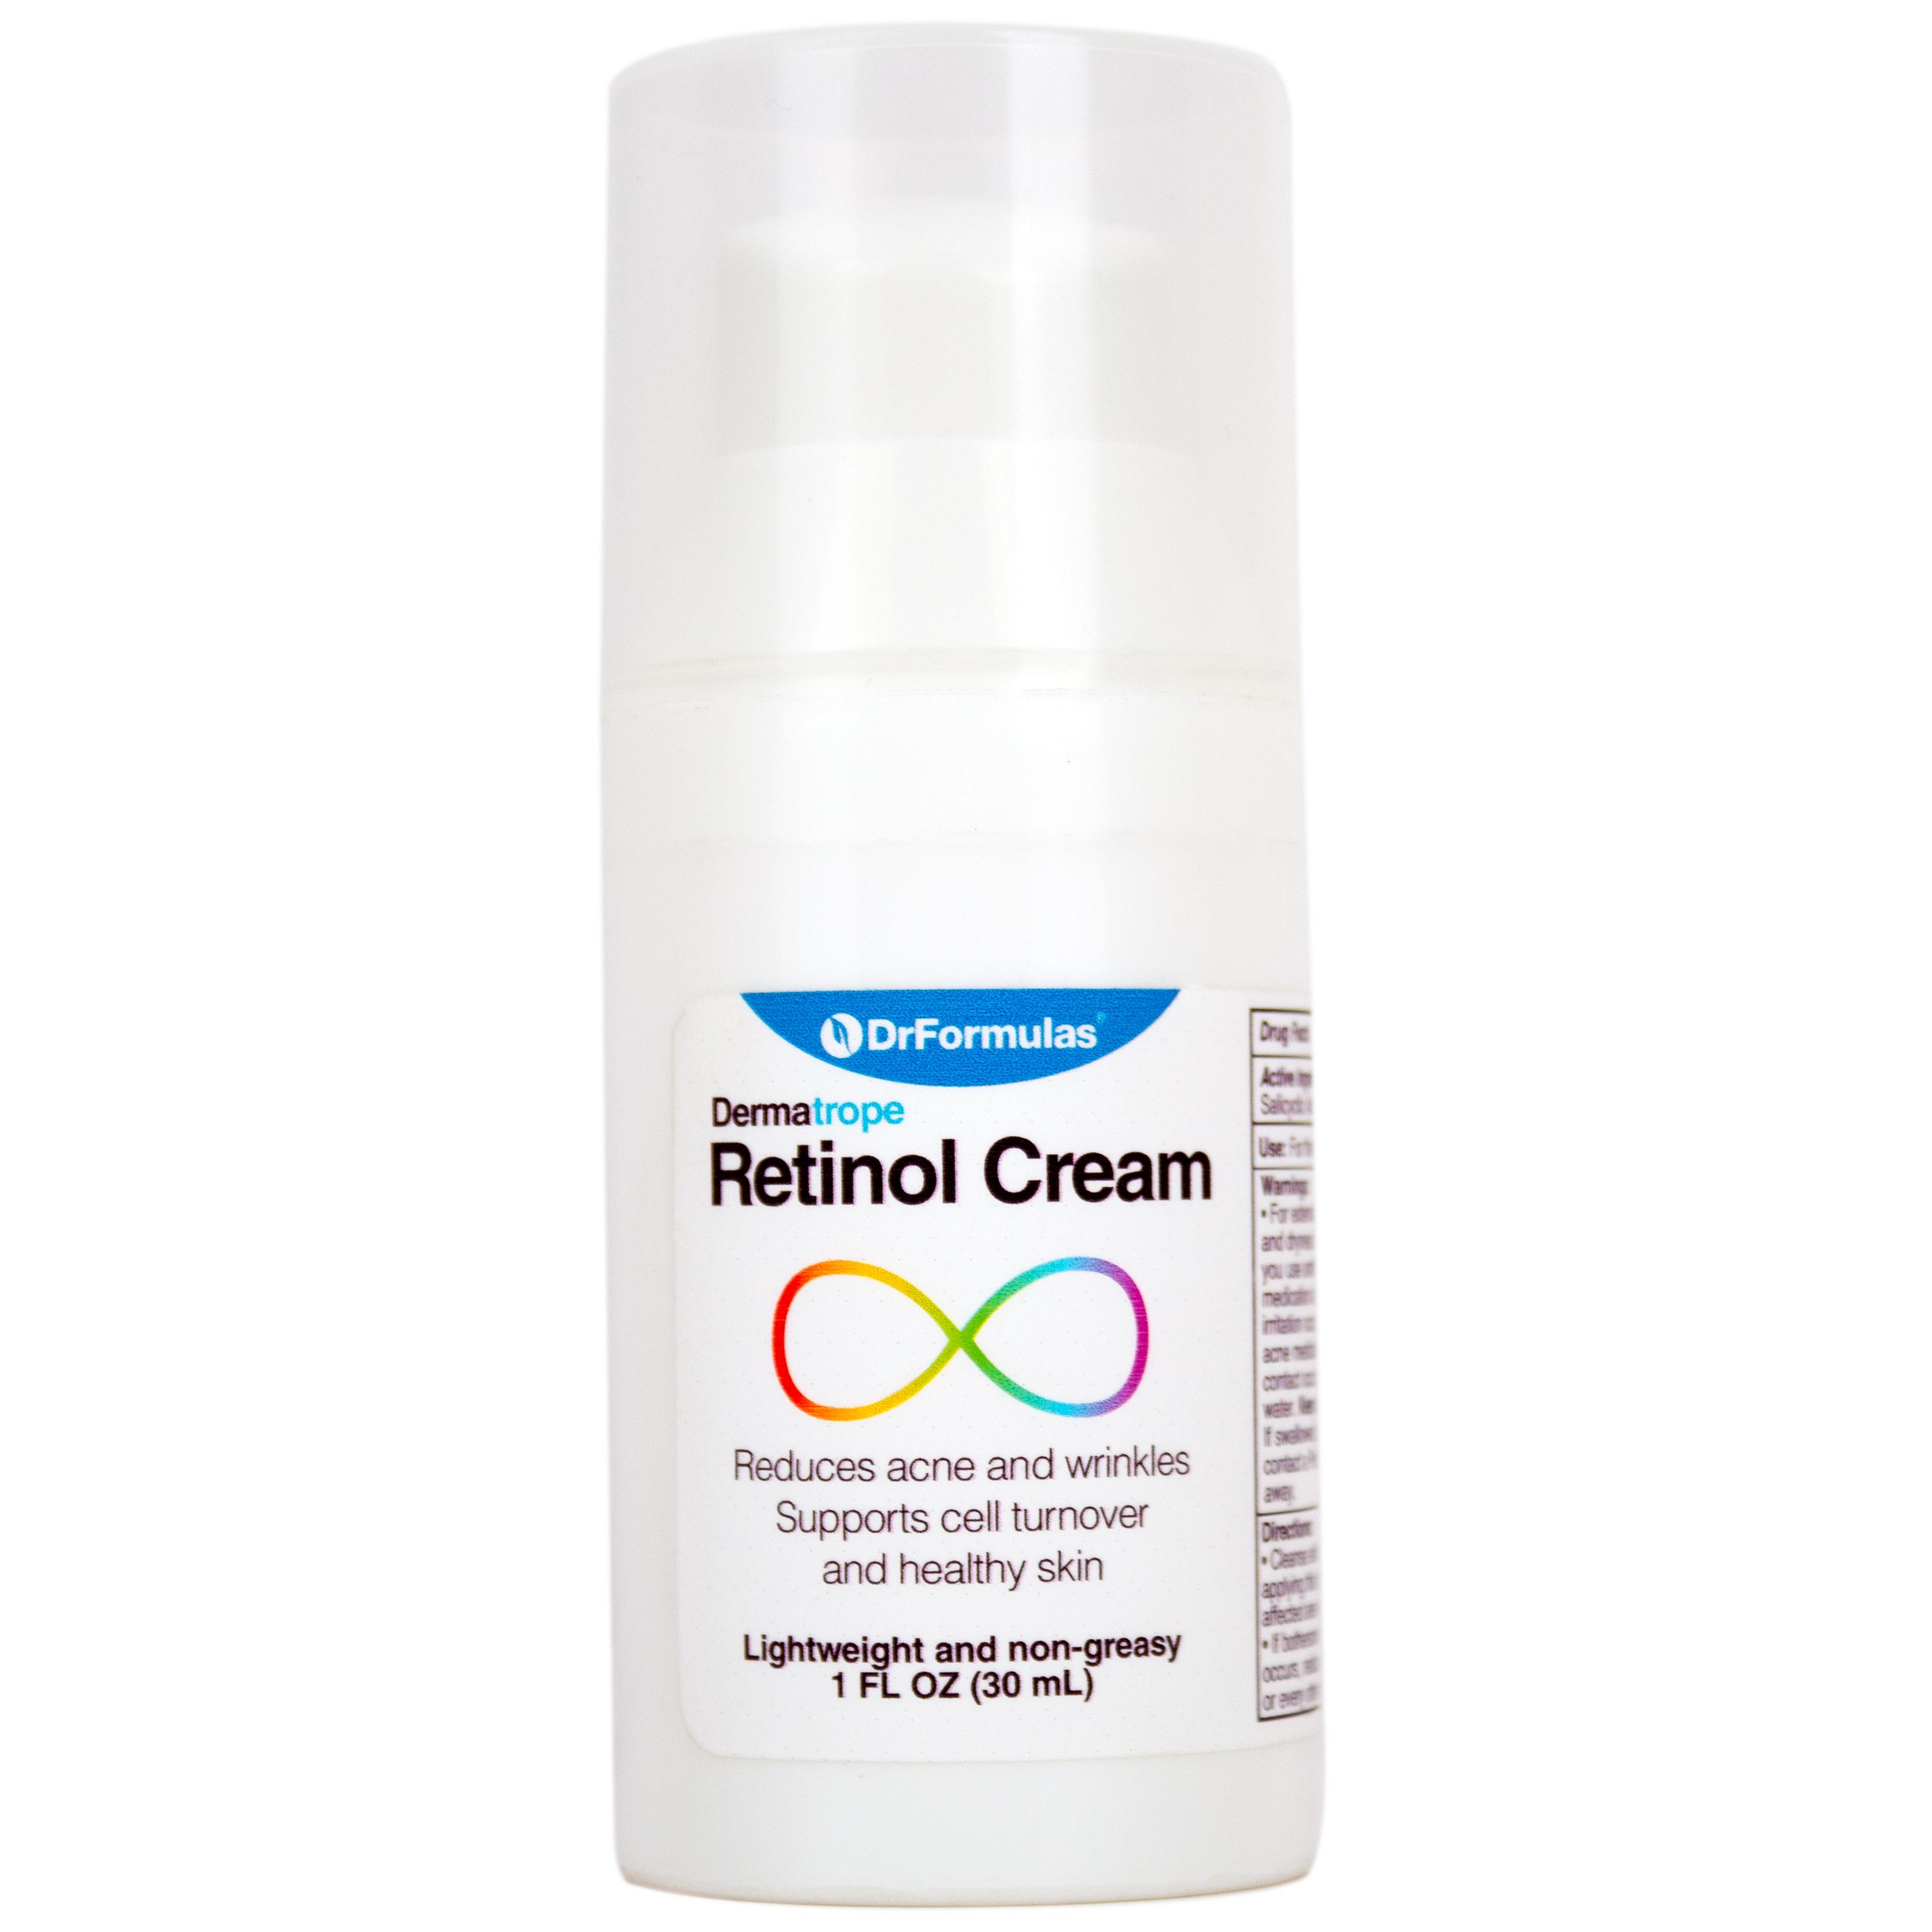 DrFormulas® Introduces Dermatrope Retinol Cream for Acne